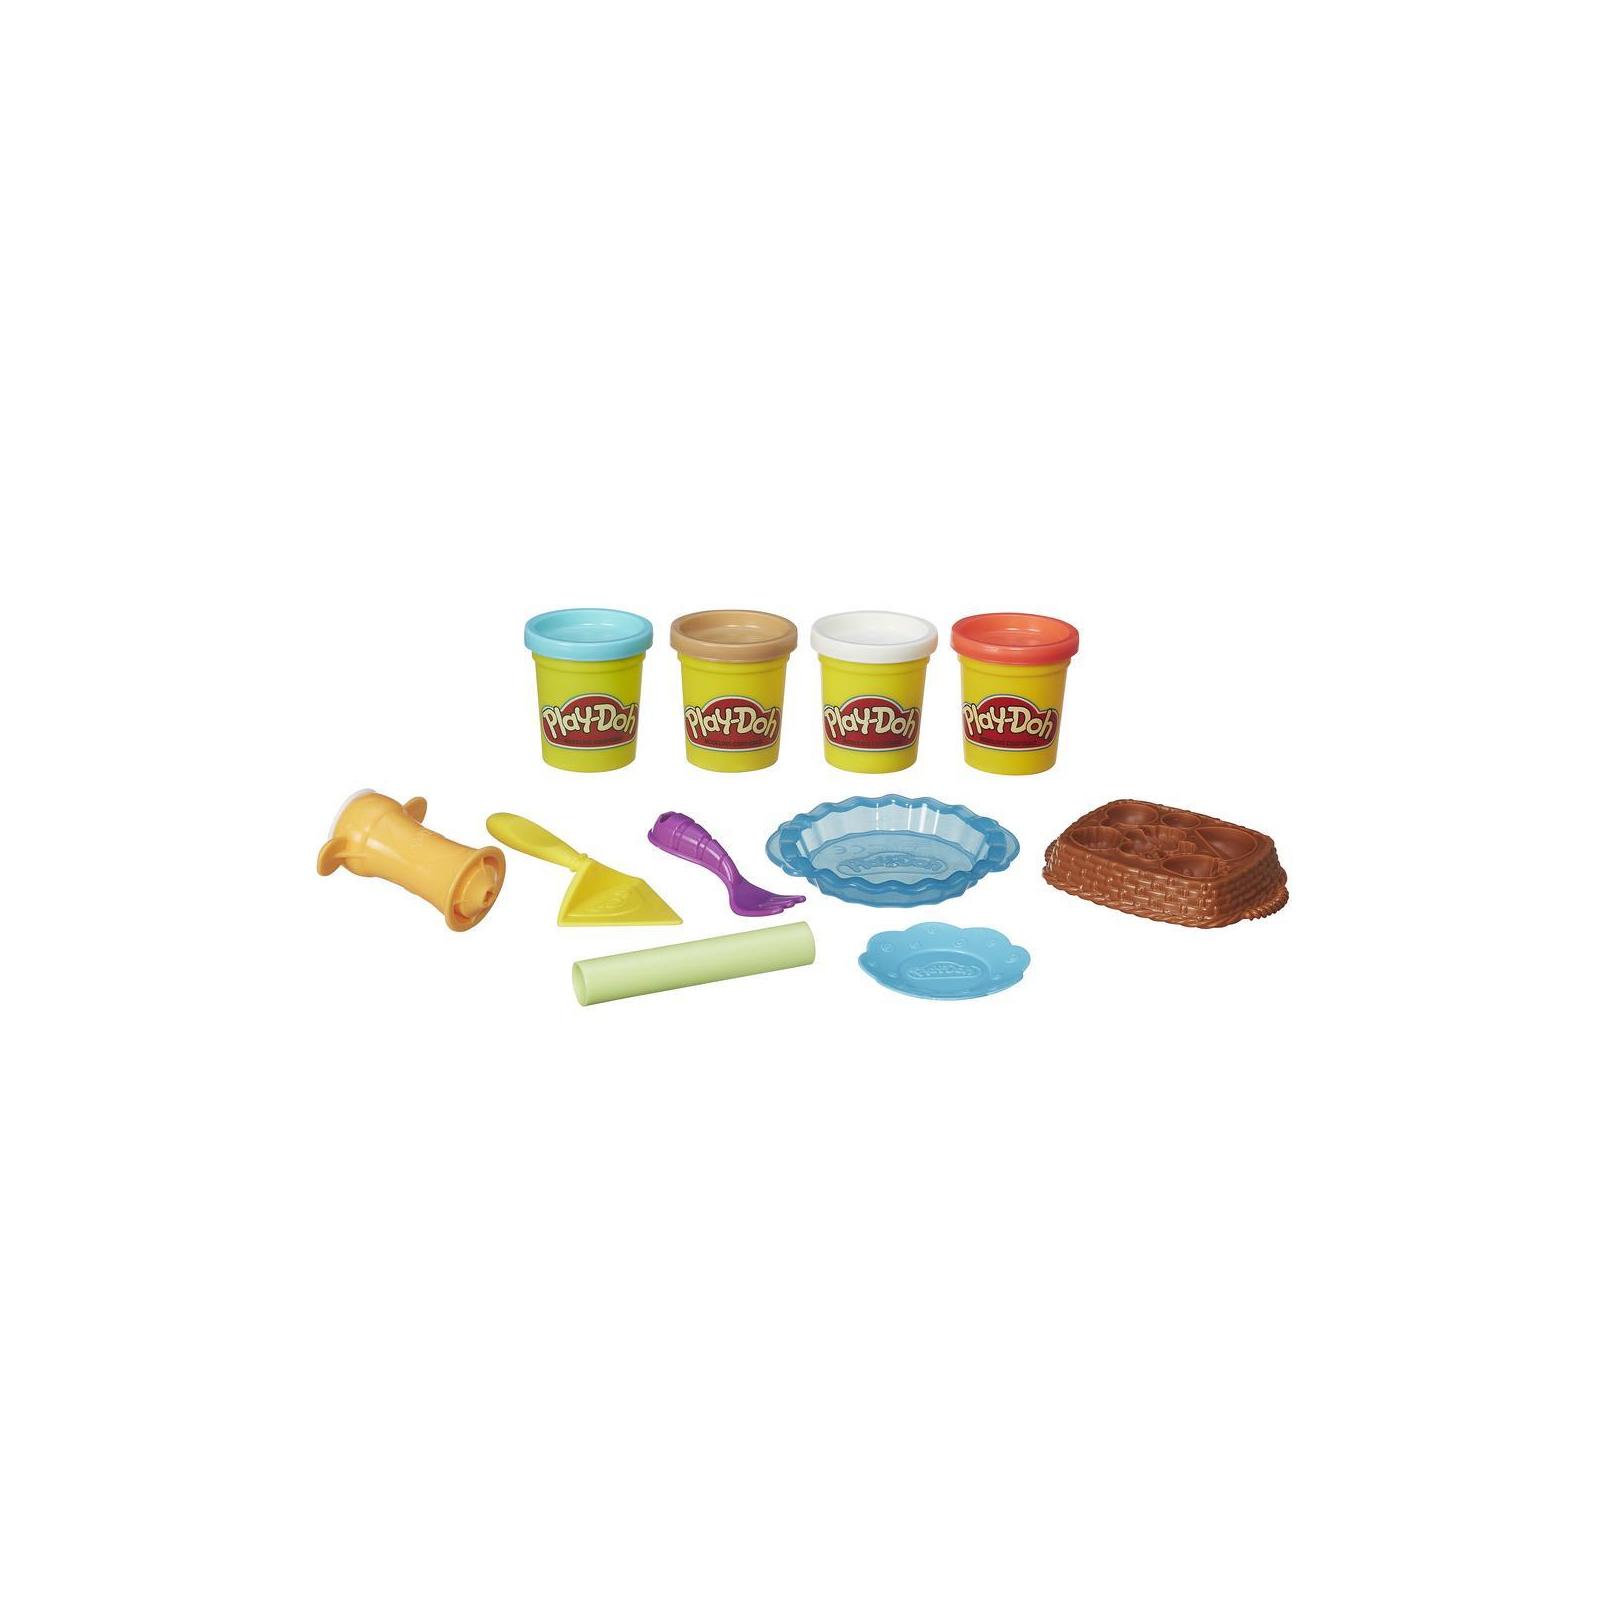 Набор для творчества Hasbro Play-Doh Ягодные тарталетки (B3398) изображение 2